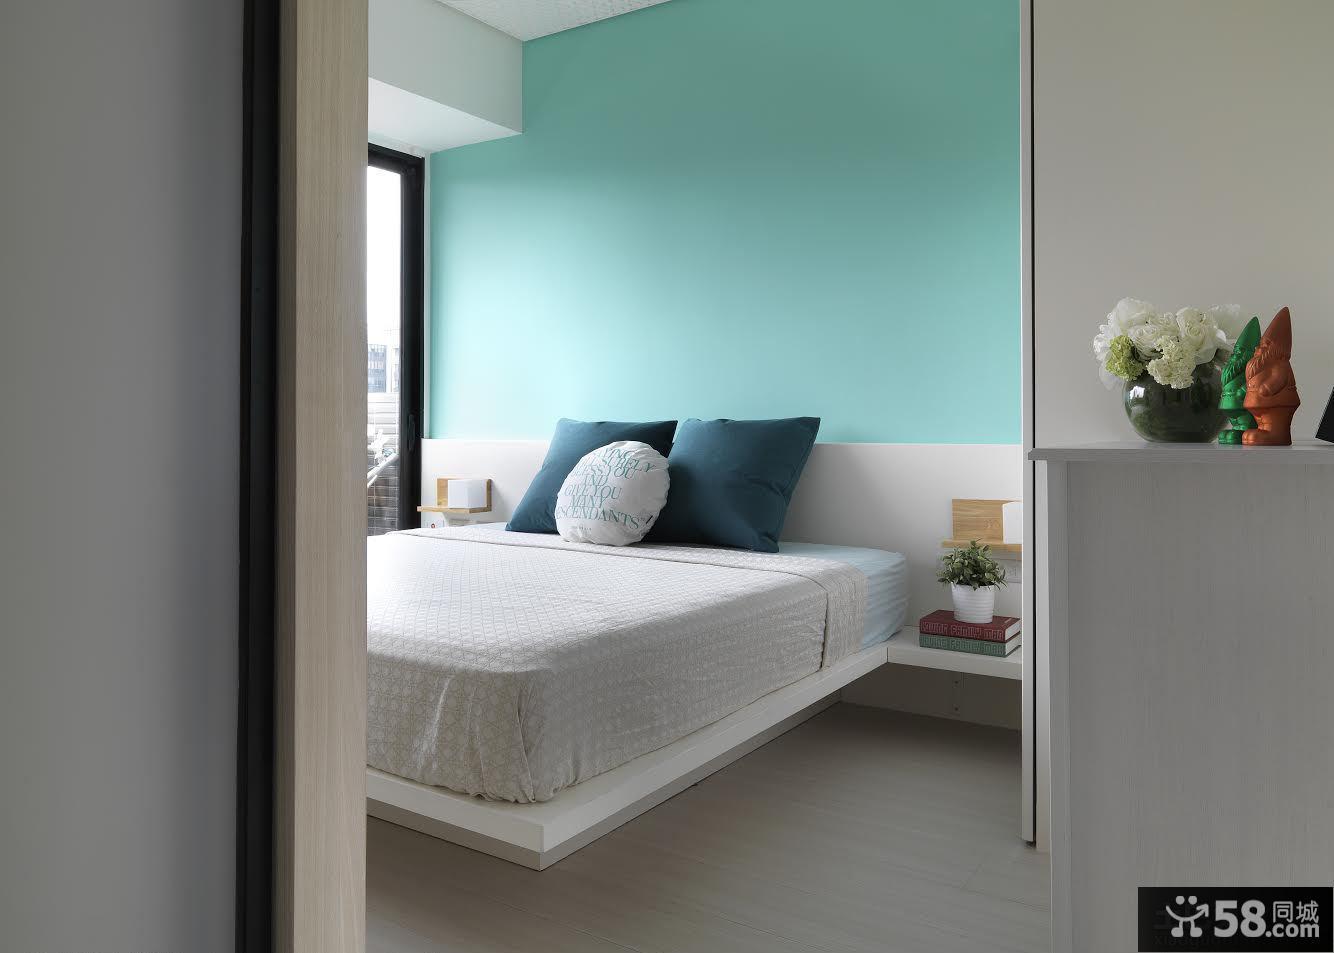 现代家居卧室简单装修效果图